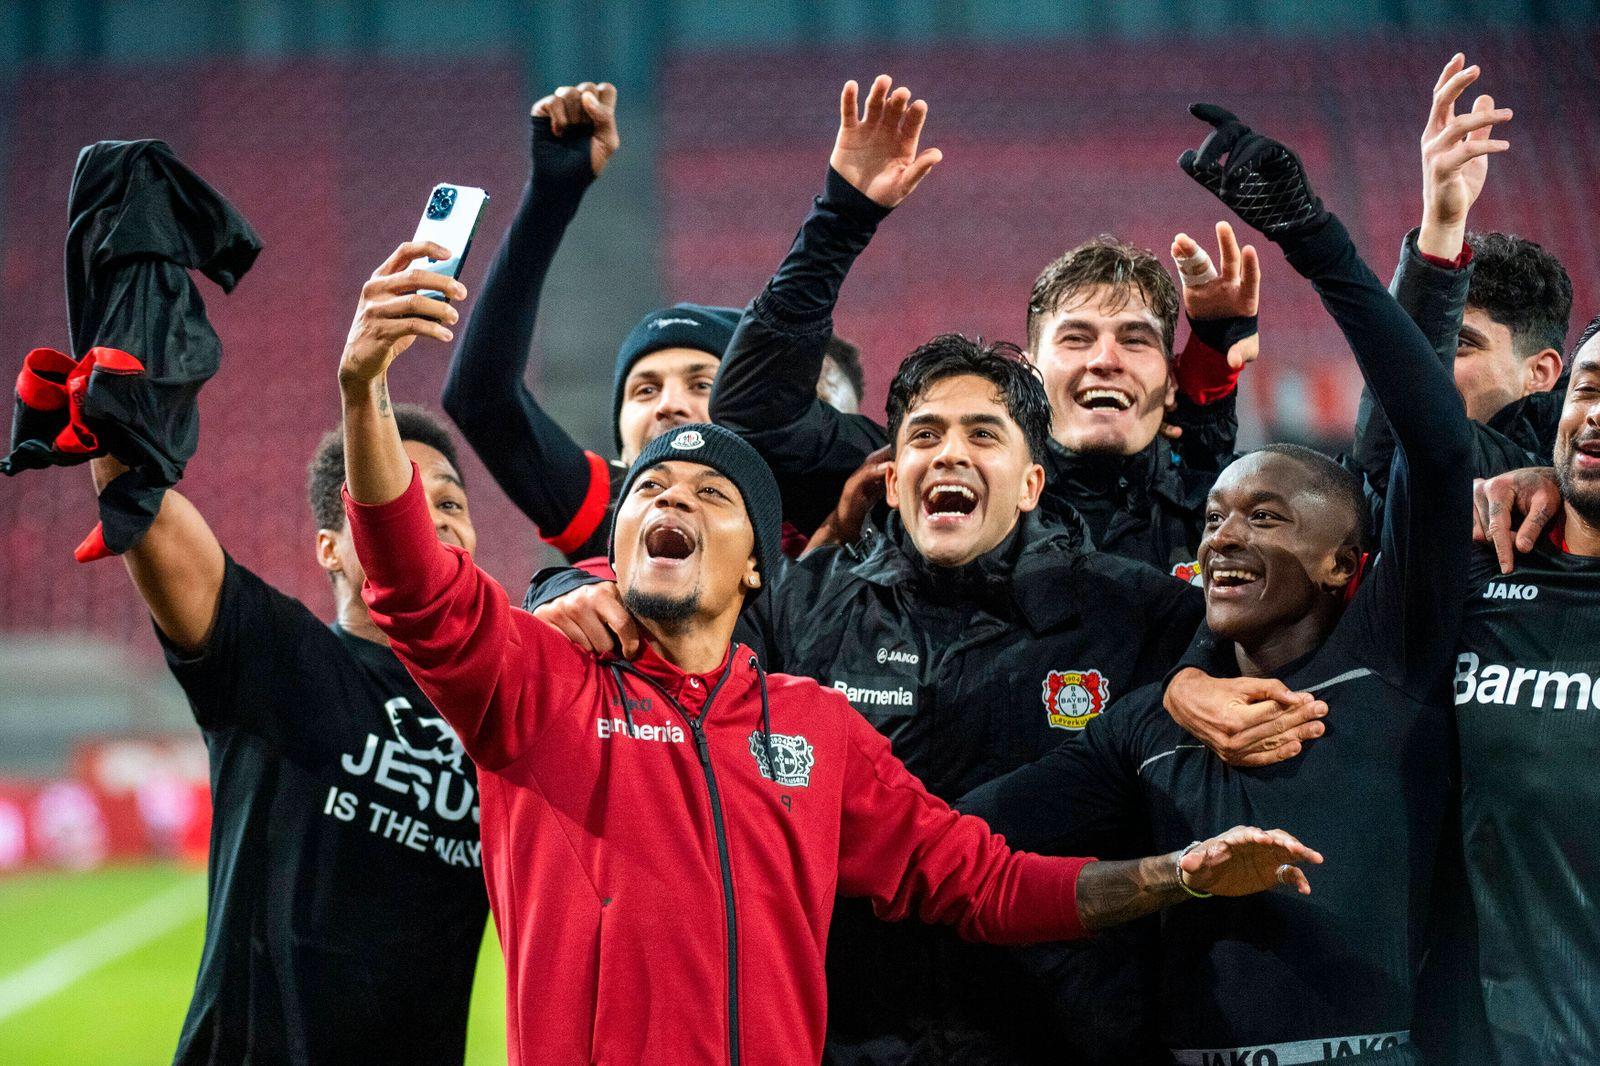 GER, 1. FC Koeln vs. Bayer 04 Leverkusen, 1. Bundesliga, Saison 20/21,12. Spieltag, 16.12.2020 Derbysieger-Rufe beim Ab